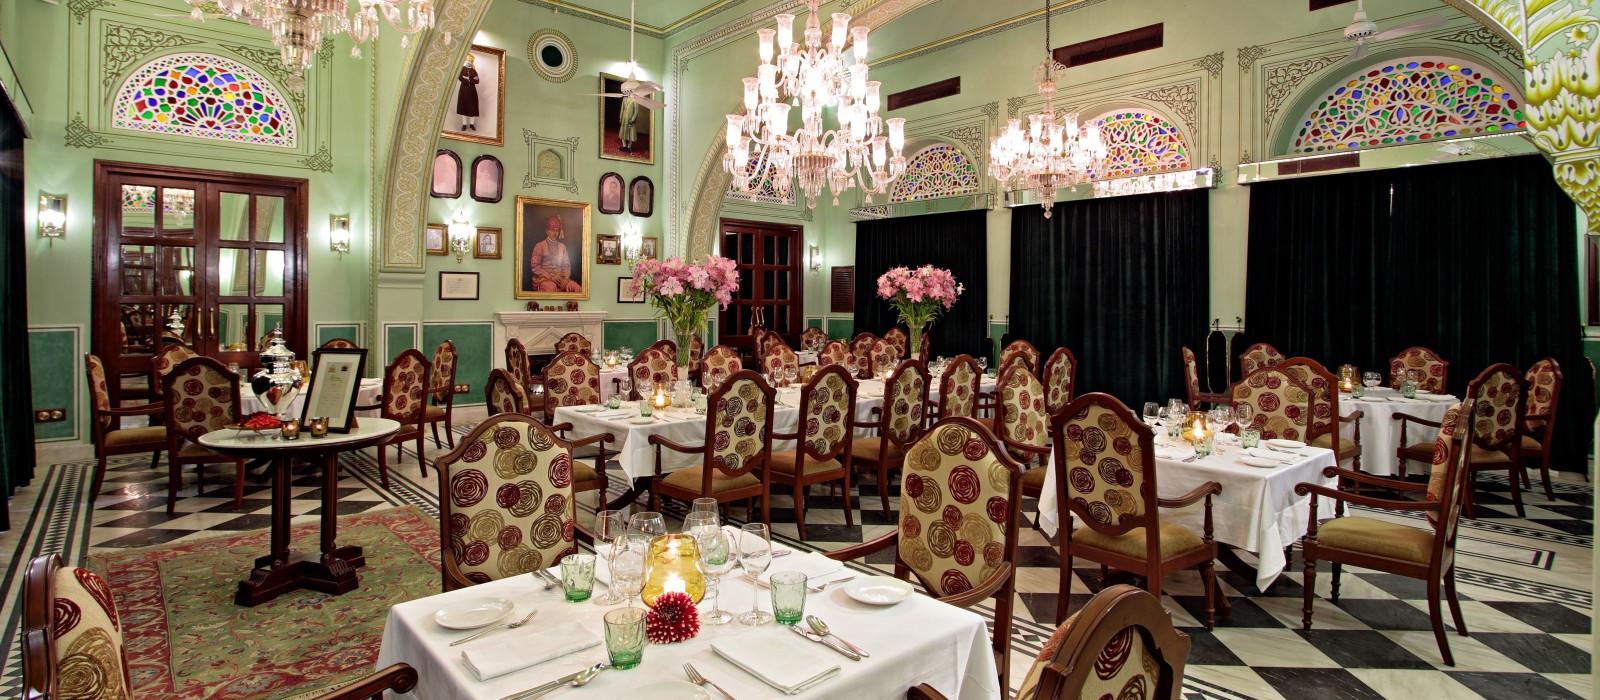 Hotel Samode Haveli North India